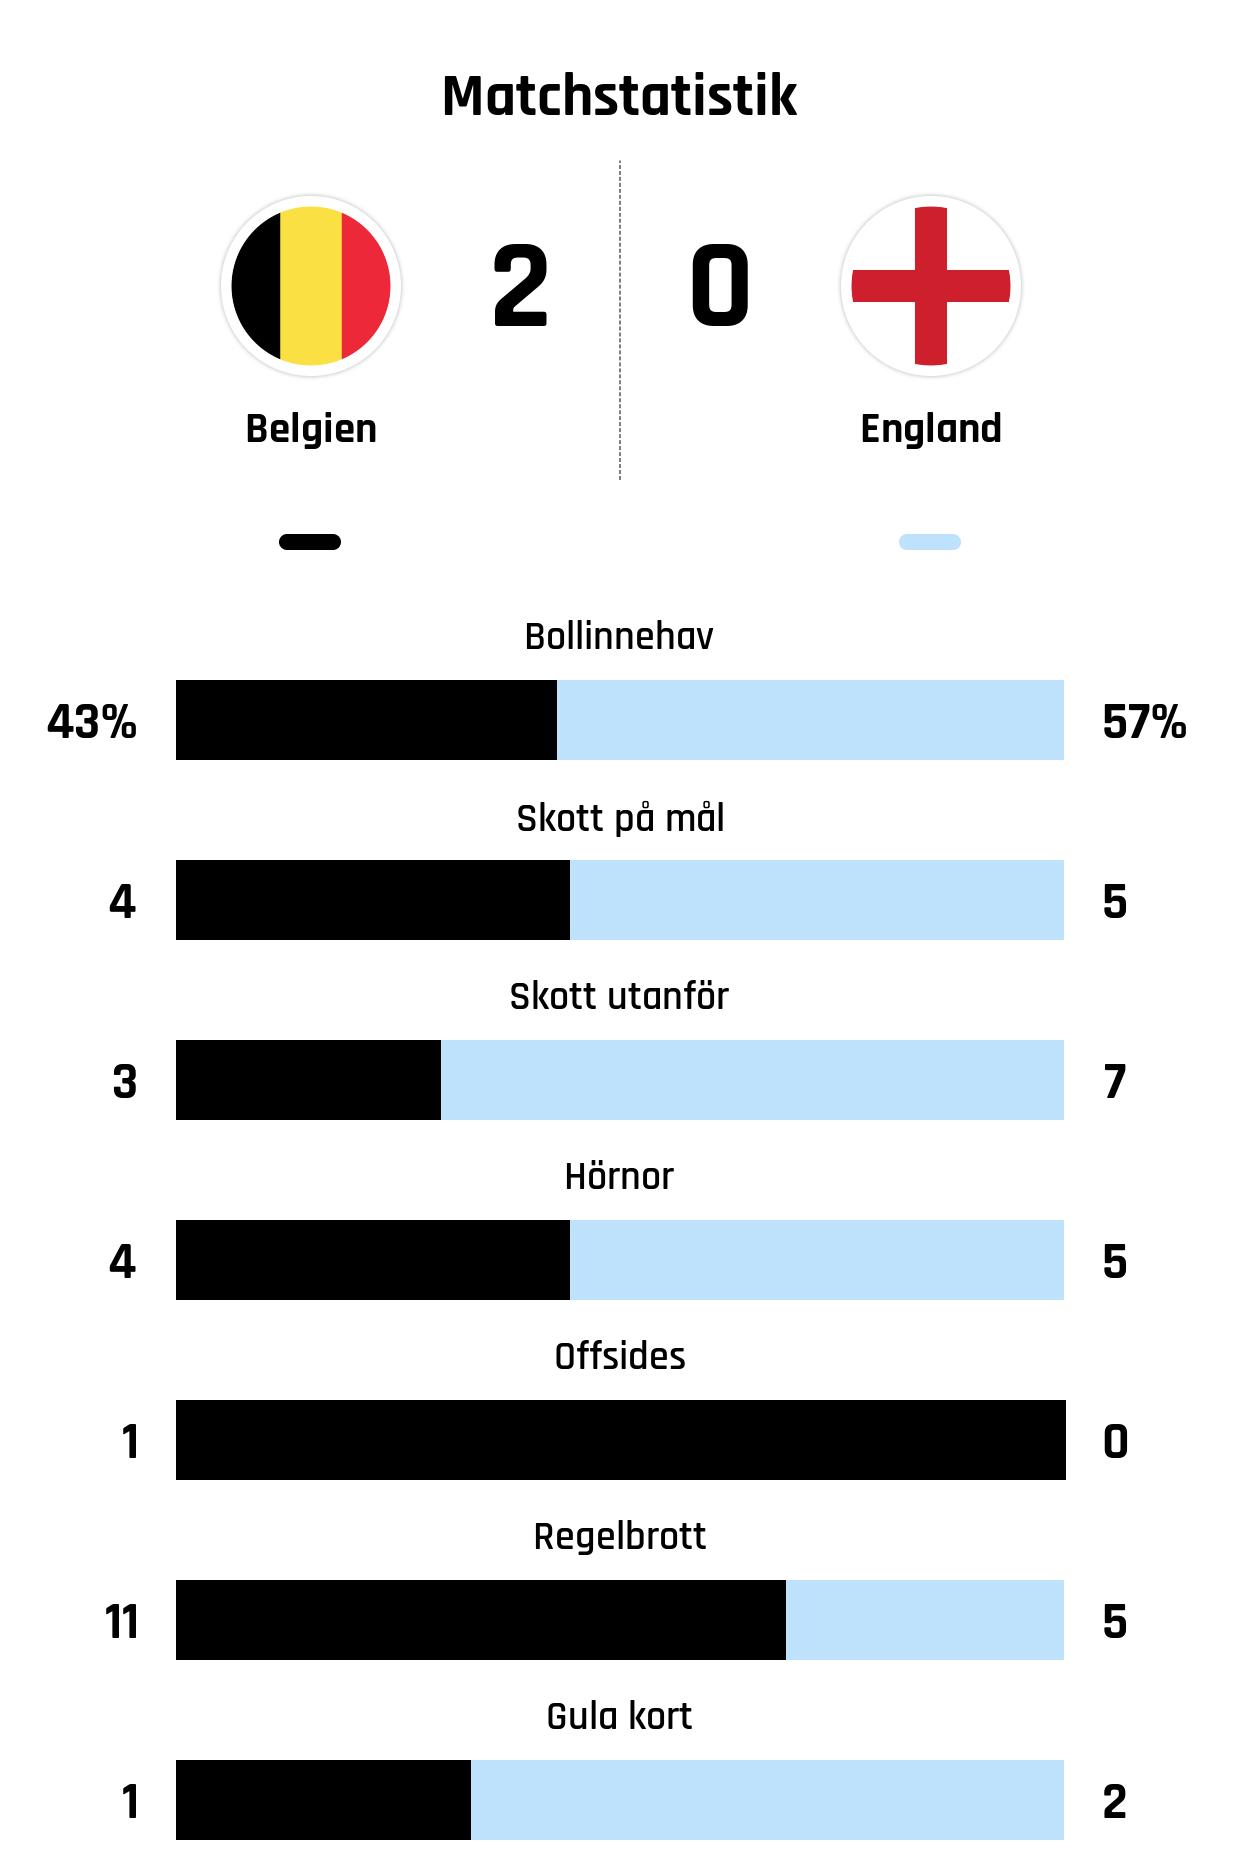 Bollinnehav 43%-57%<br /> Skott på mål 4-5<br /> Skott utanför 3-7<br /> Hörnor 4-5<br /> Offsides 1-0<br /> Regelbrott 11-5<br /> Gula kort 1-2